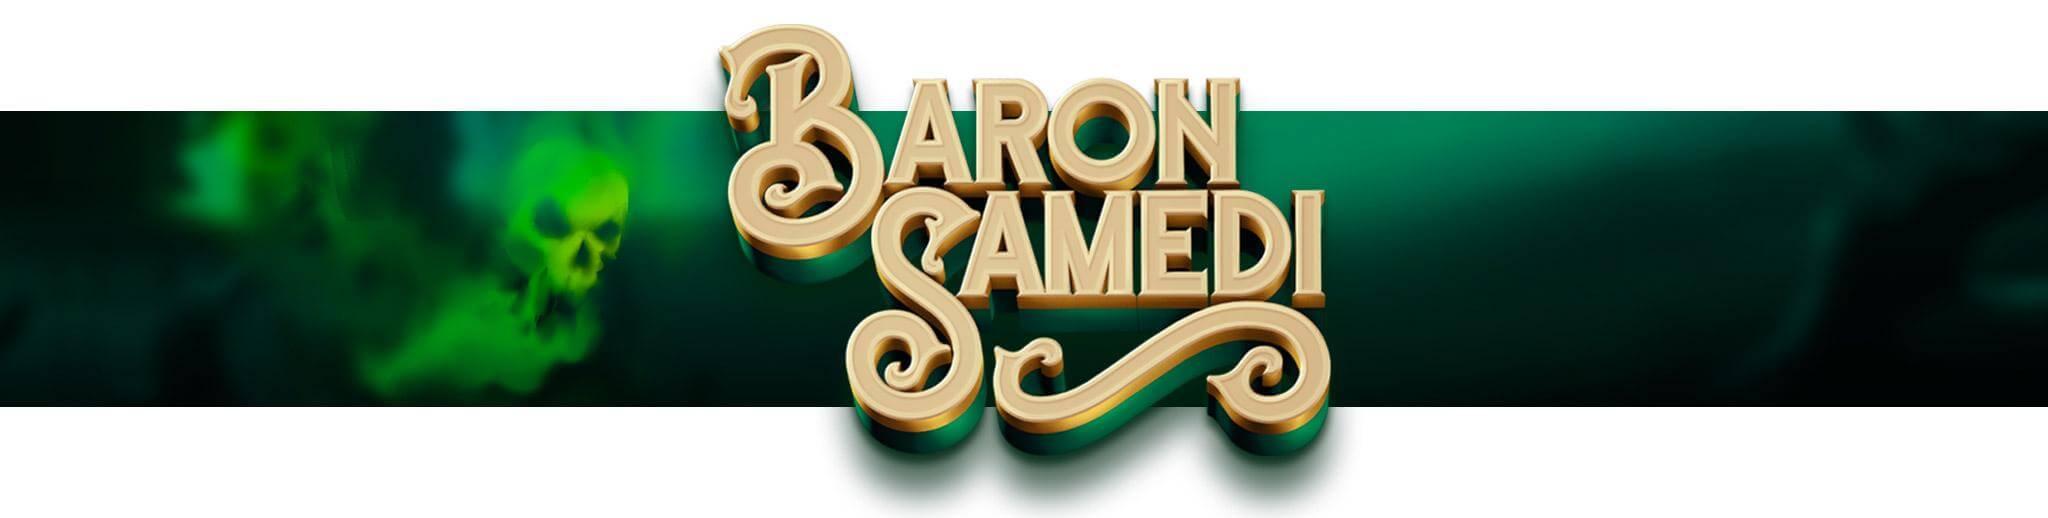 Baron Samedi CS